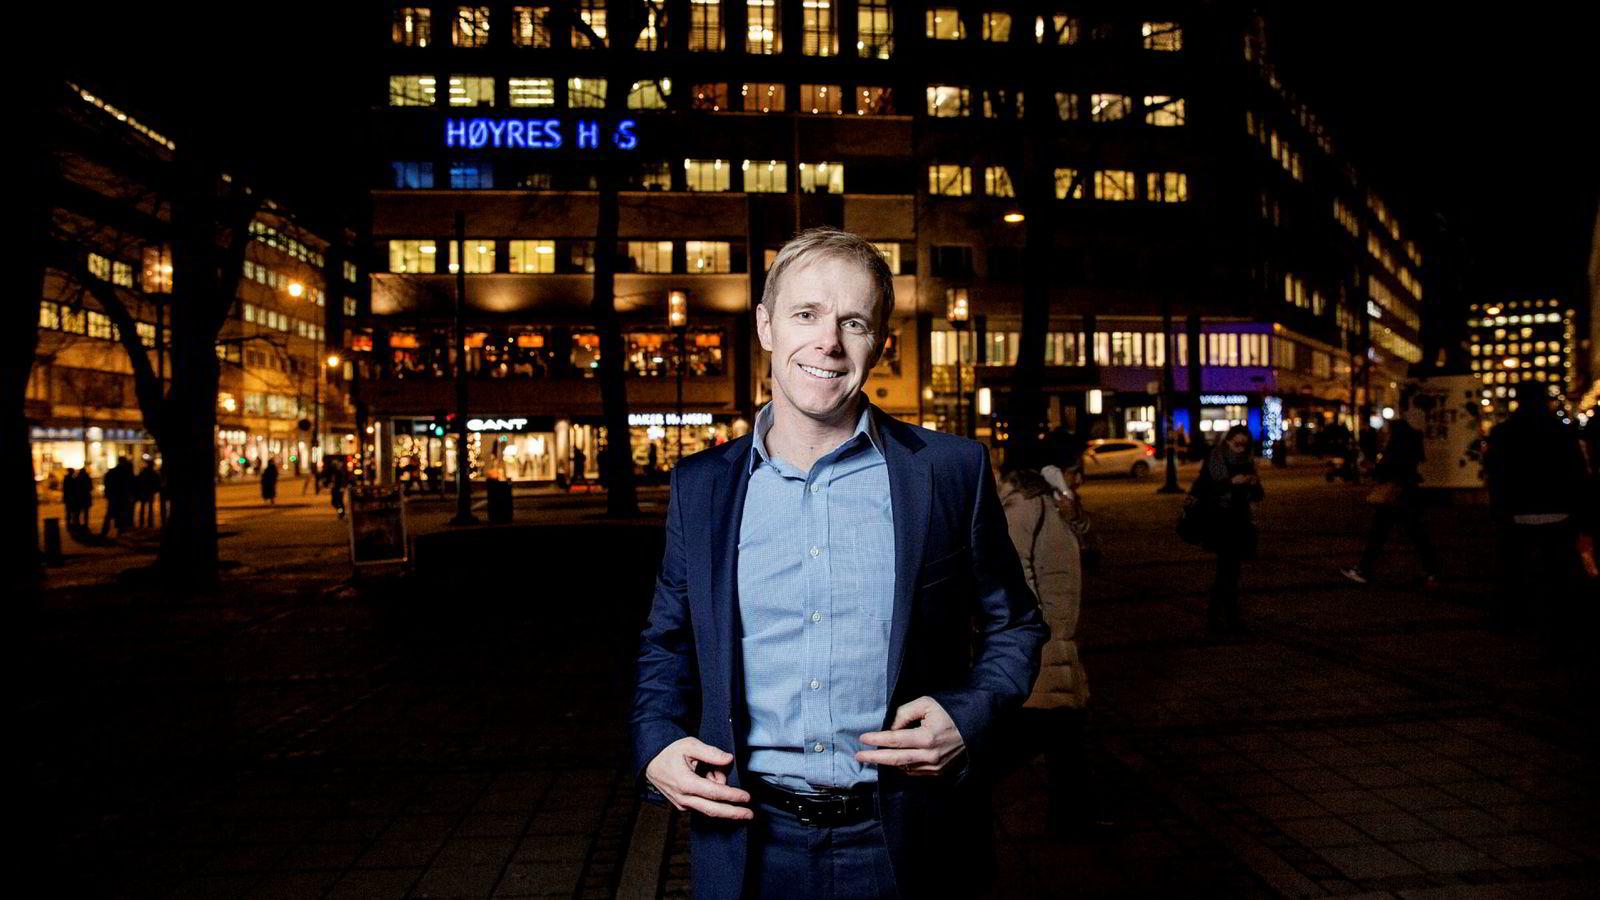 Telenors oppkjøp fremstår ikke som verdiskapende for aksjonærene, sier porteføljeforvalter Lars Odin Mellemseter. Bildet er tatt i 2015.